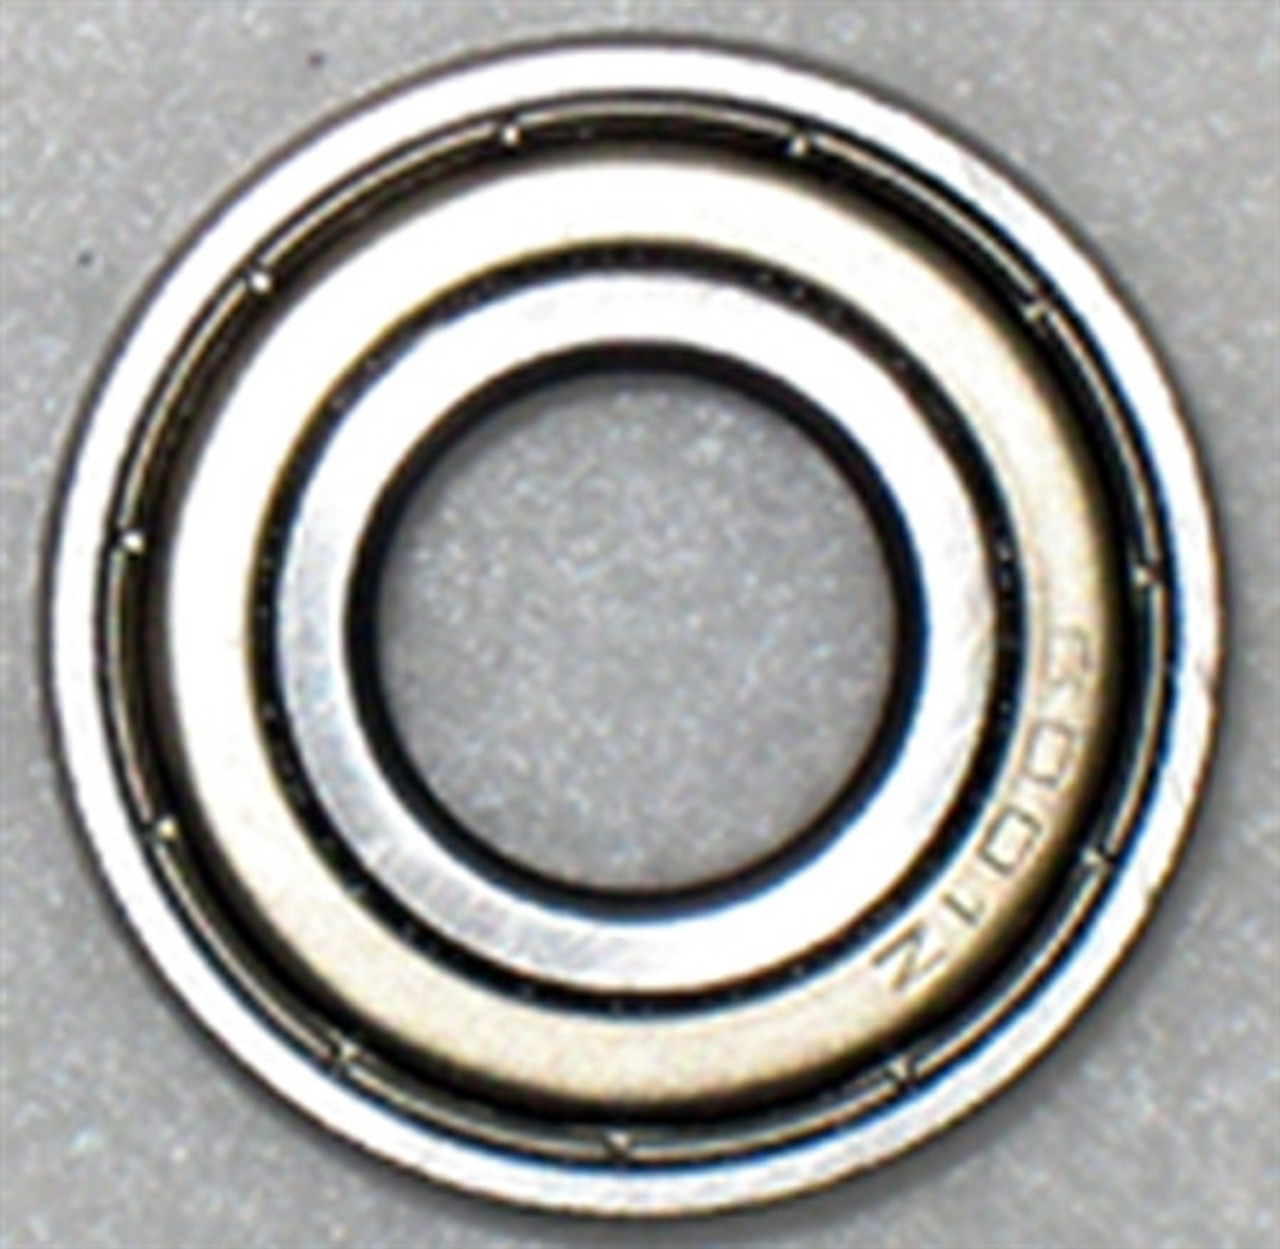 PRECISION METRIC BEARING 12mm X 28mm (4 Pack)